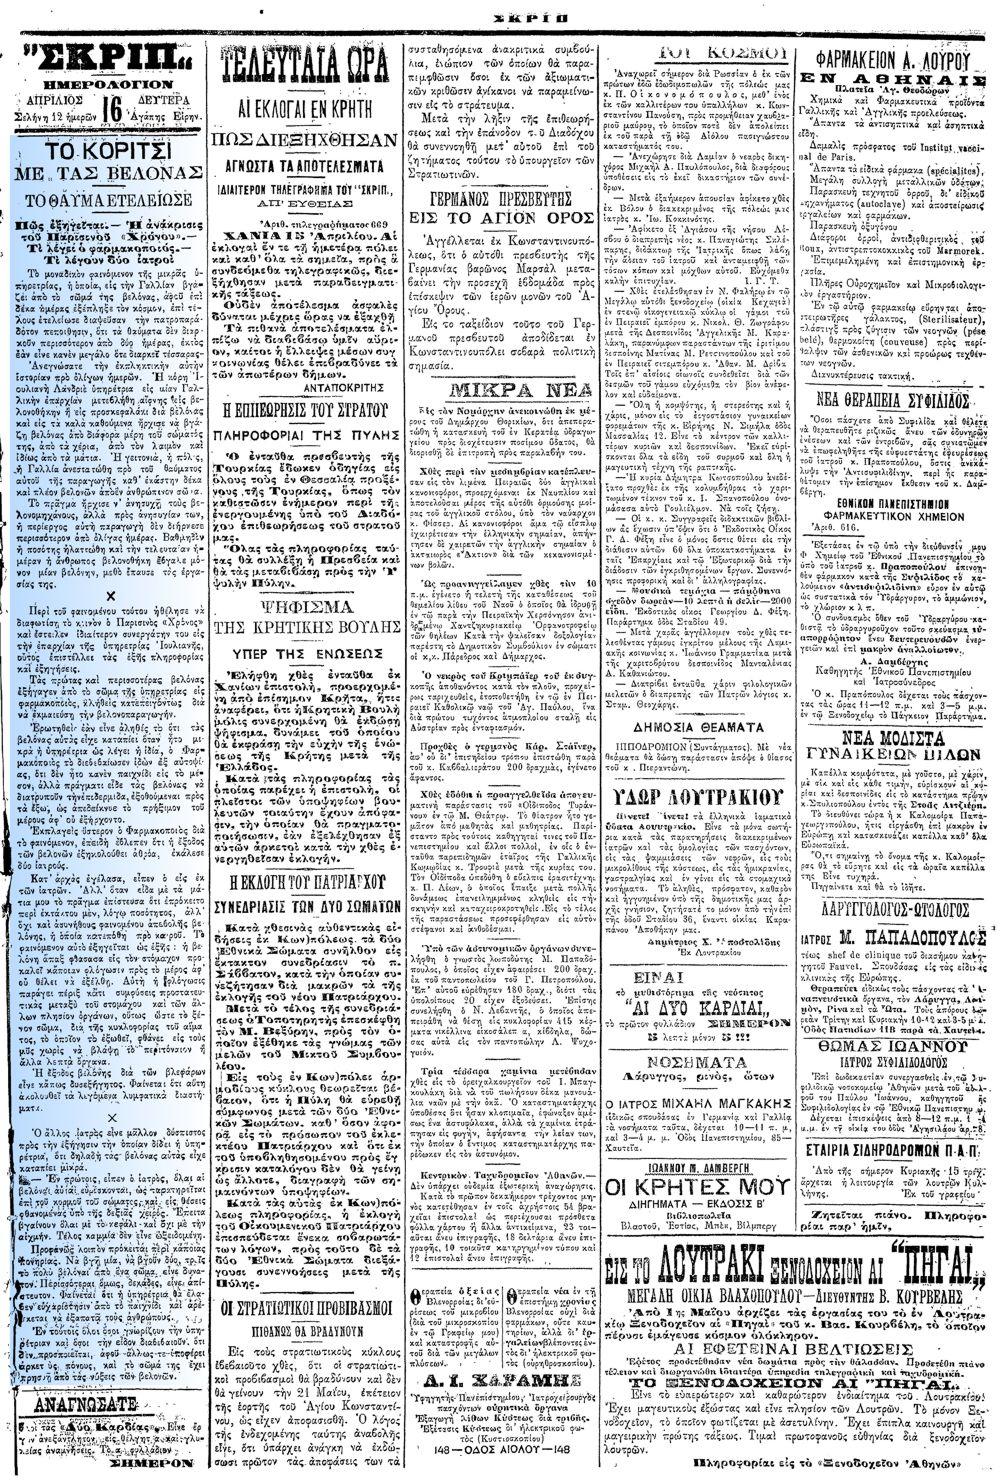 """Το άρθρο, όπως δημοσιεύθηκε στην εφημερίδα """"ΣΚΡΙΠ"""", στις 16/04/1901"""